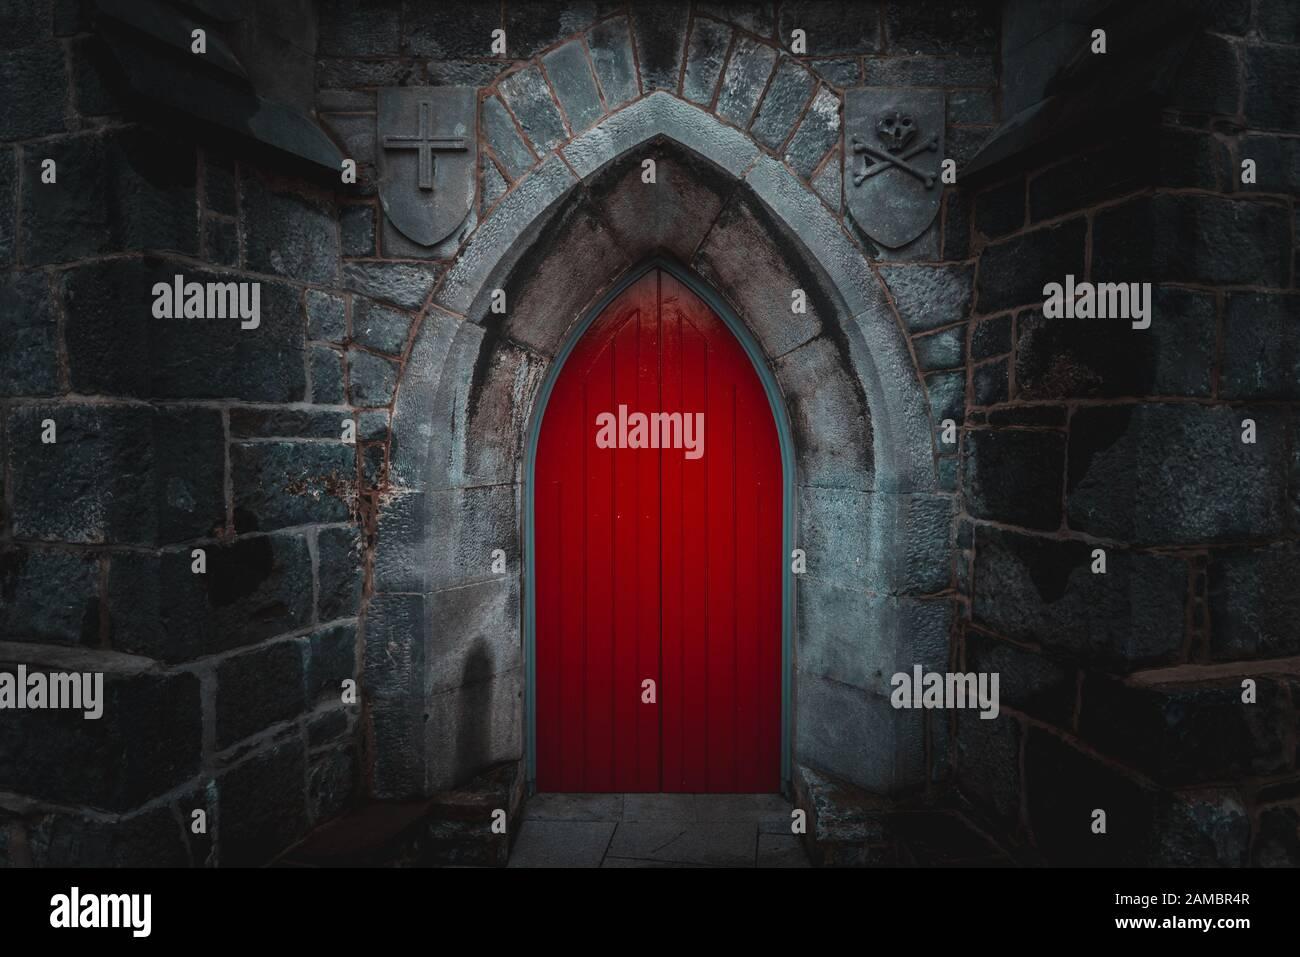 Porte en bois rouge pointu effrayant dans un vieux mur de pierre humide et bâtiment avec cross, du crâne et des os des deux côtés. Mystère, la mort et la notion de danger. Banque D'Images